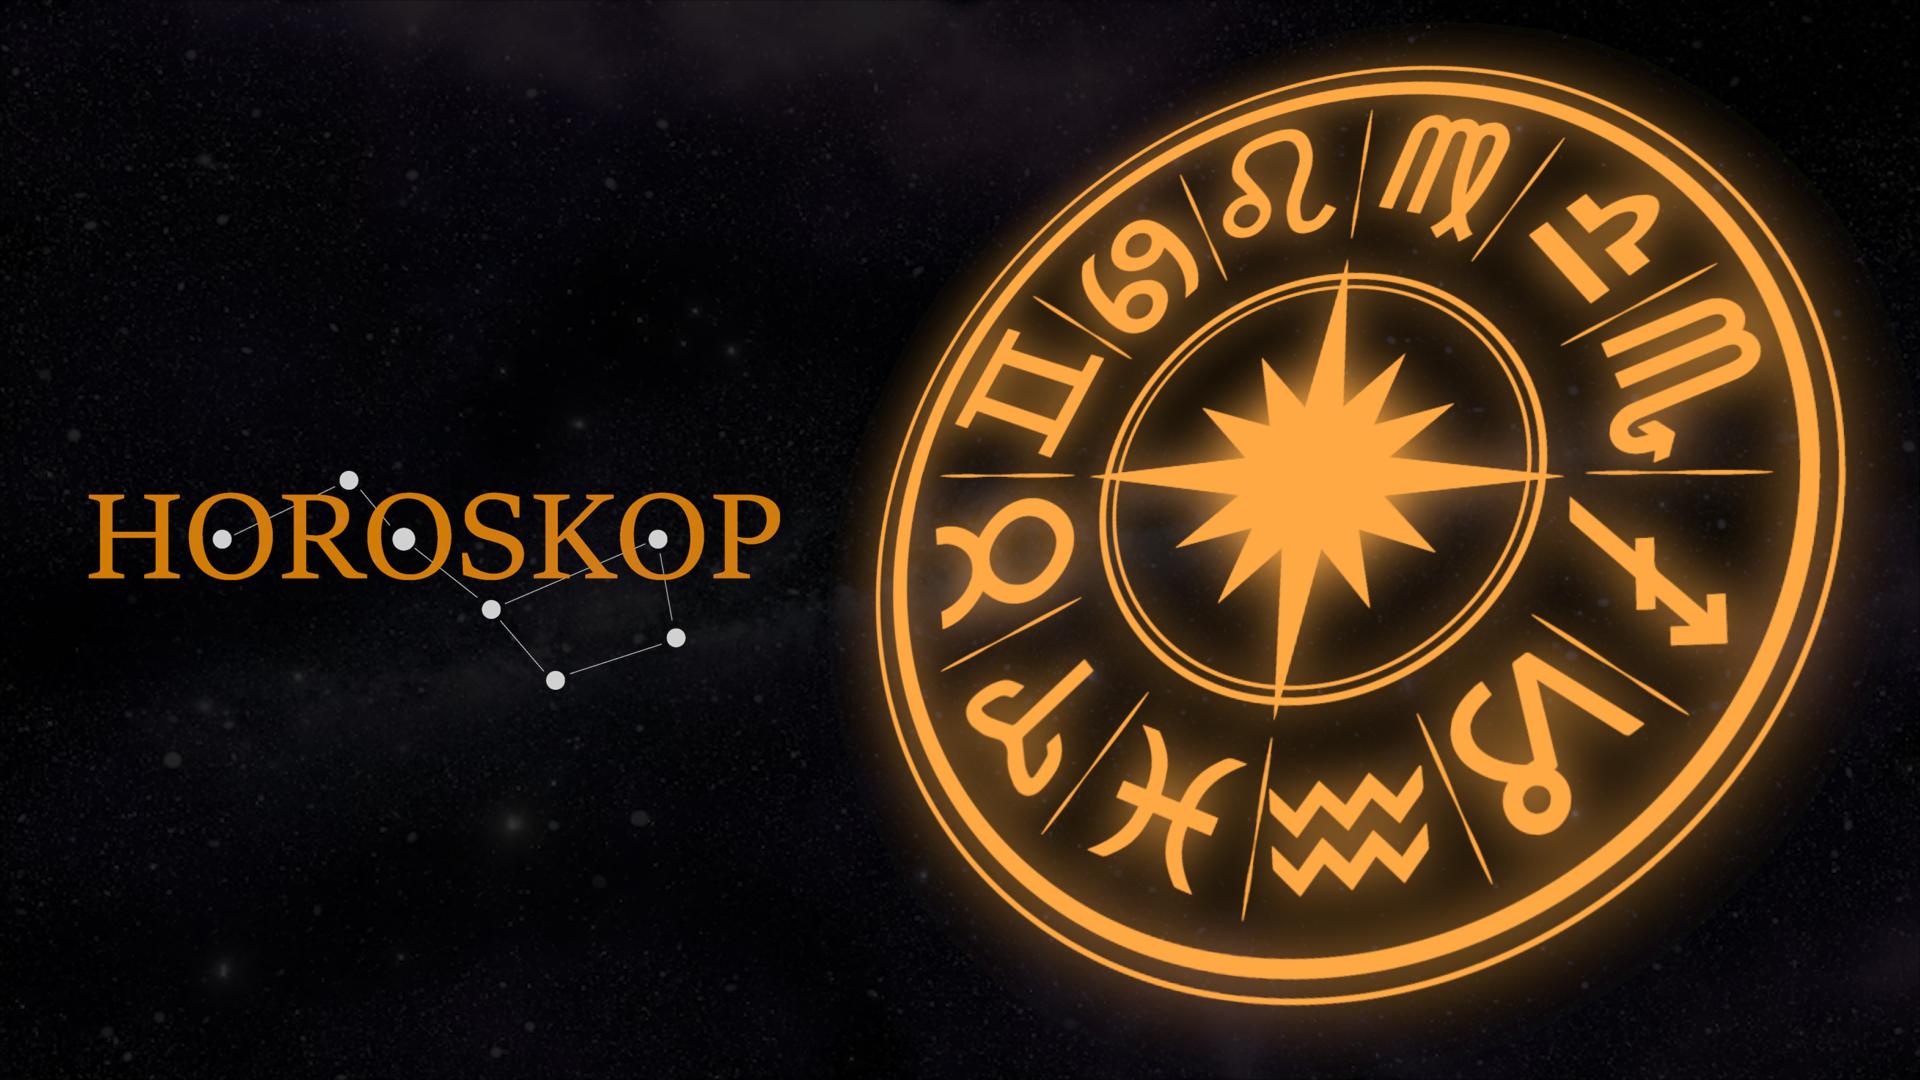 Horoskop za drugi dio 2021. godine za sve znakove